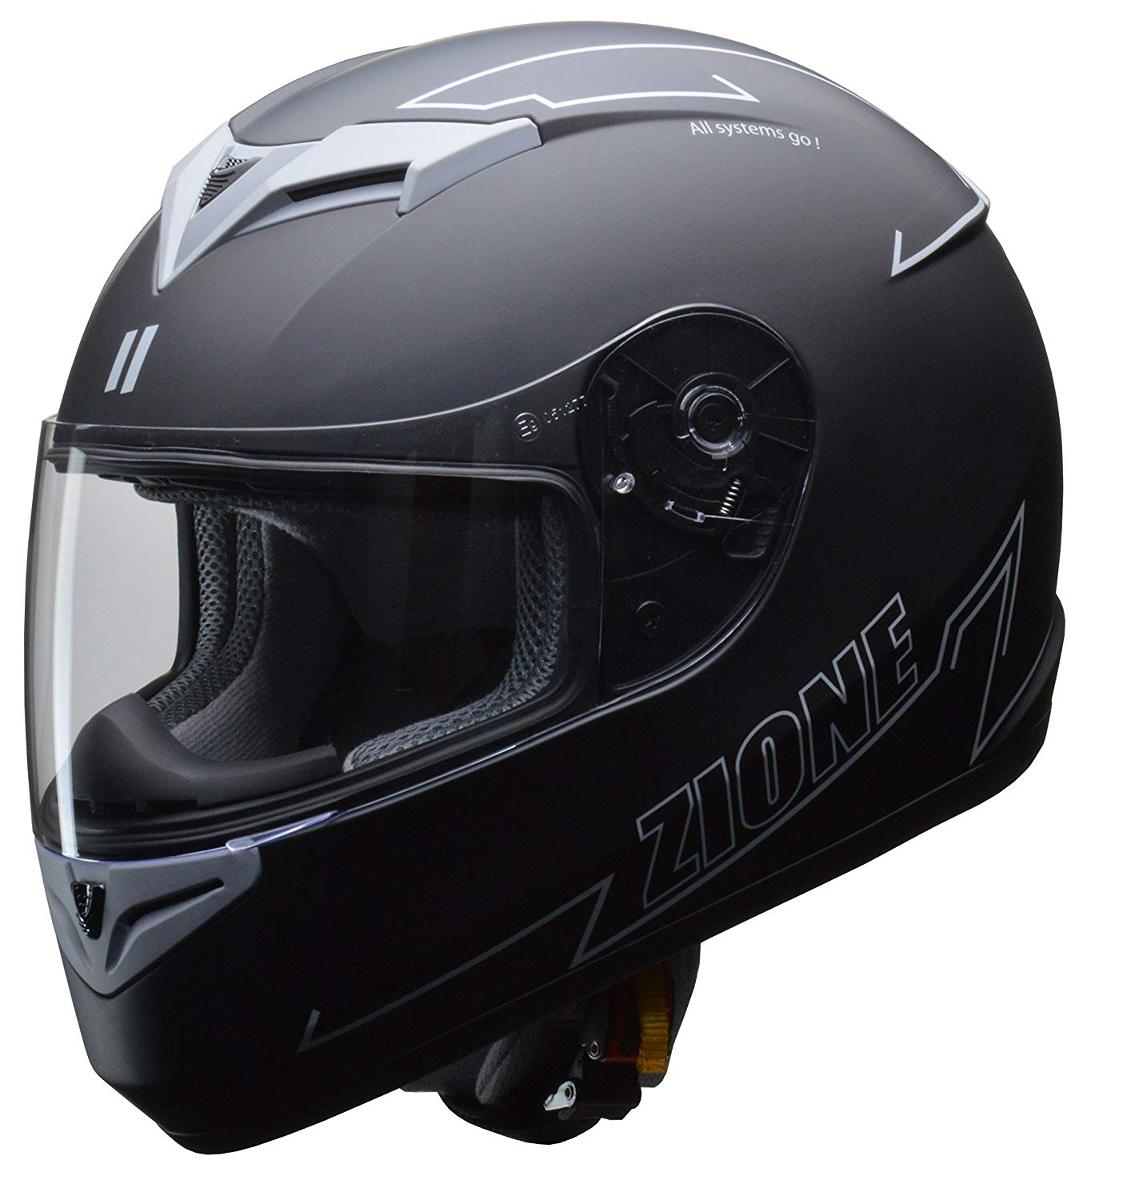 リード工業 フルフェイスヘルメット ZIONE (ジオーネ) グレー LLサイズ (61-62cm未満)